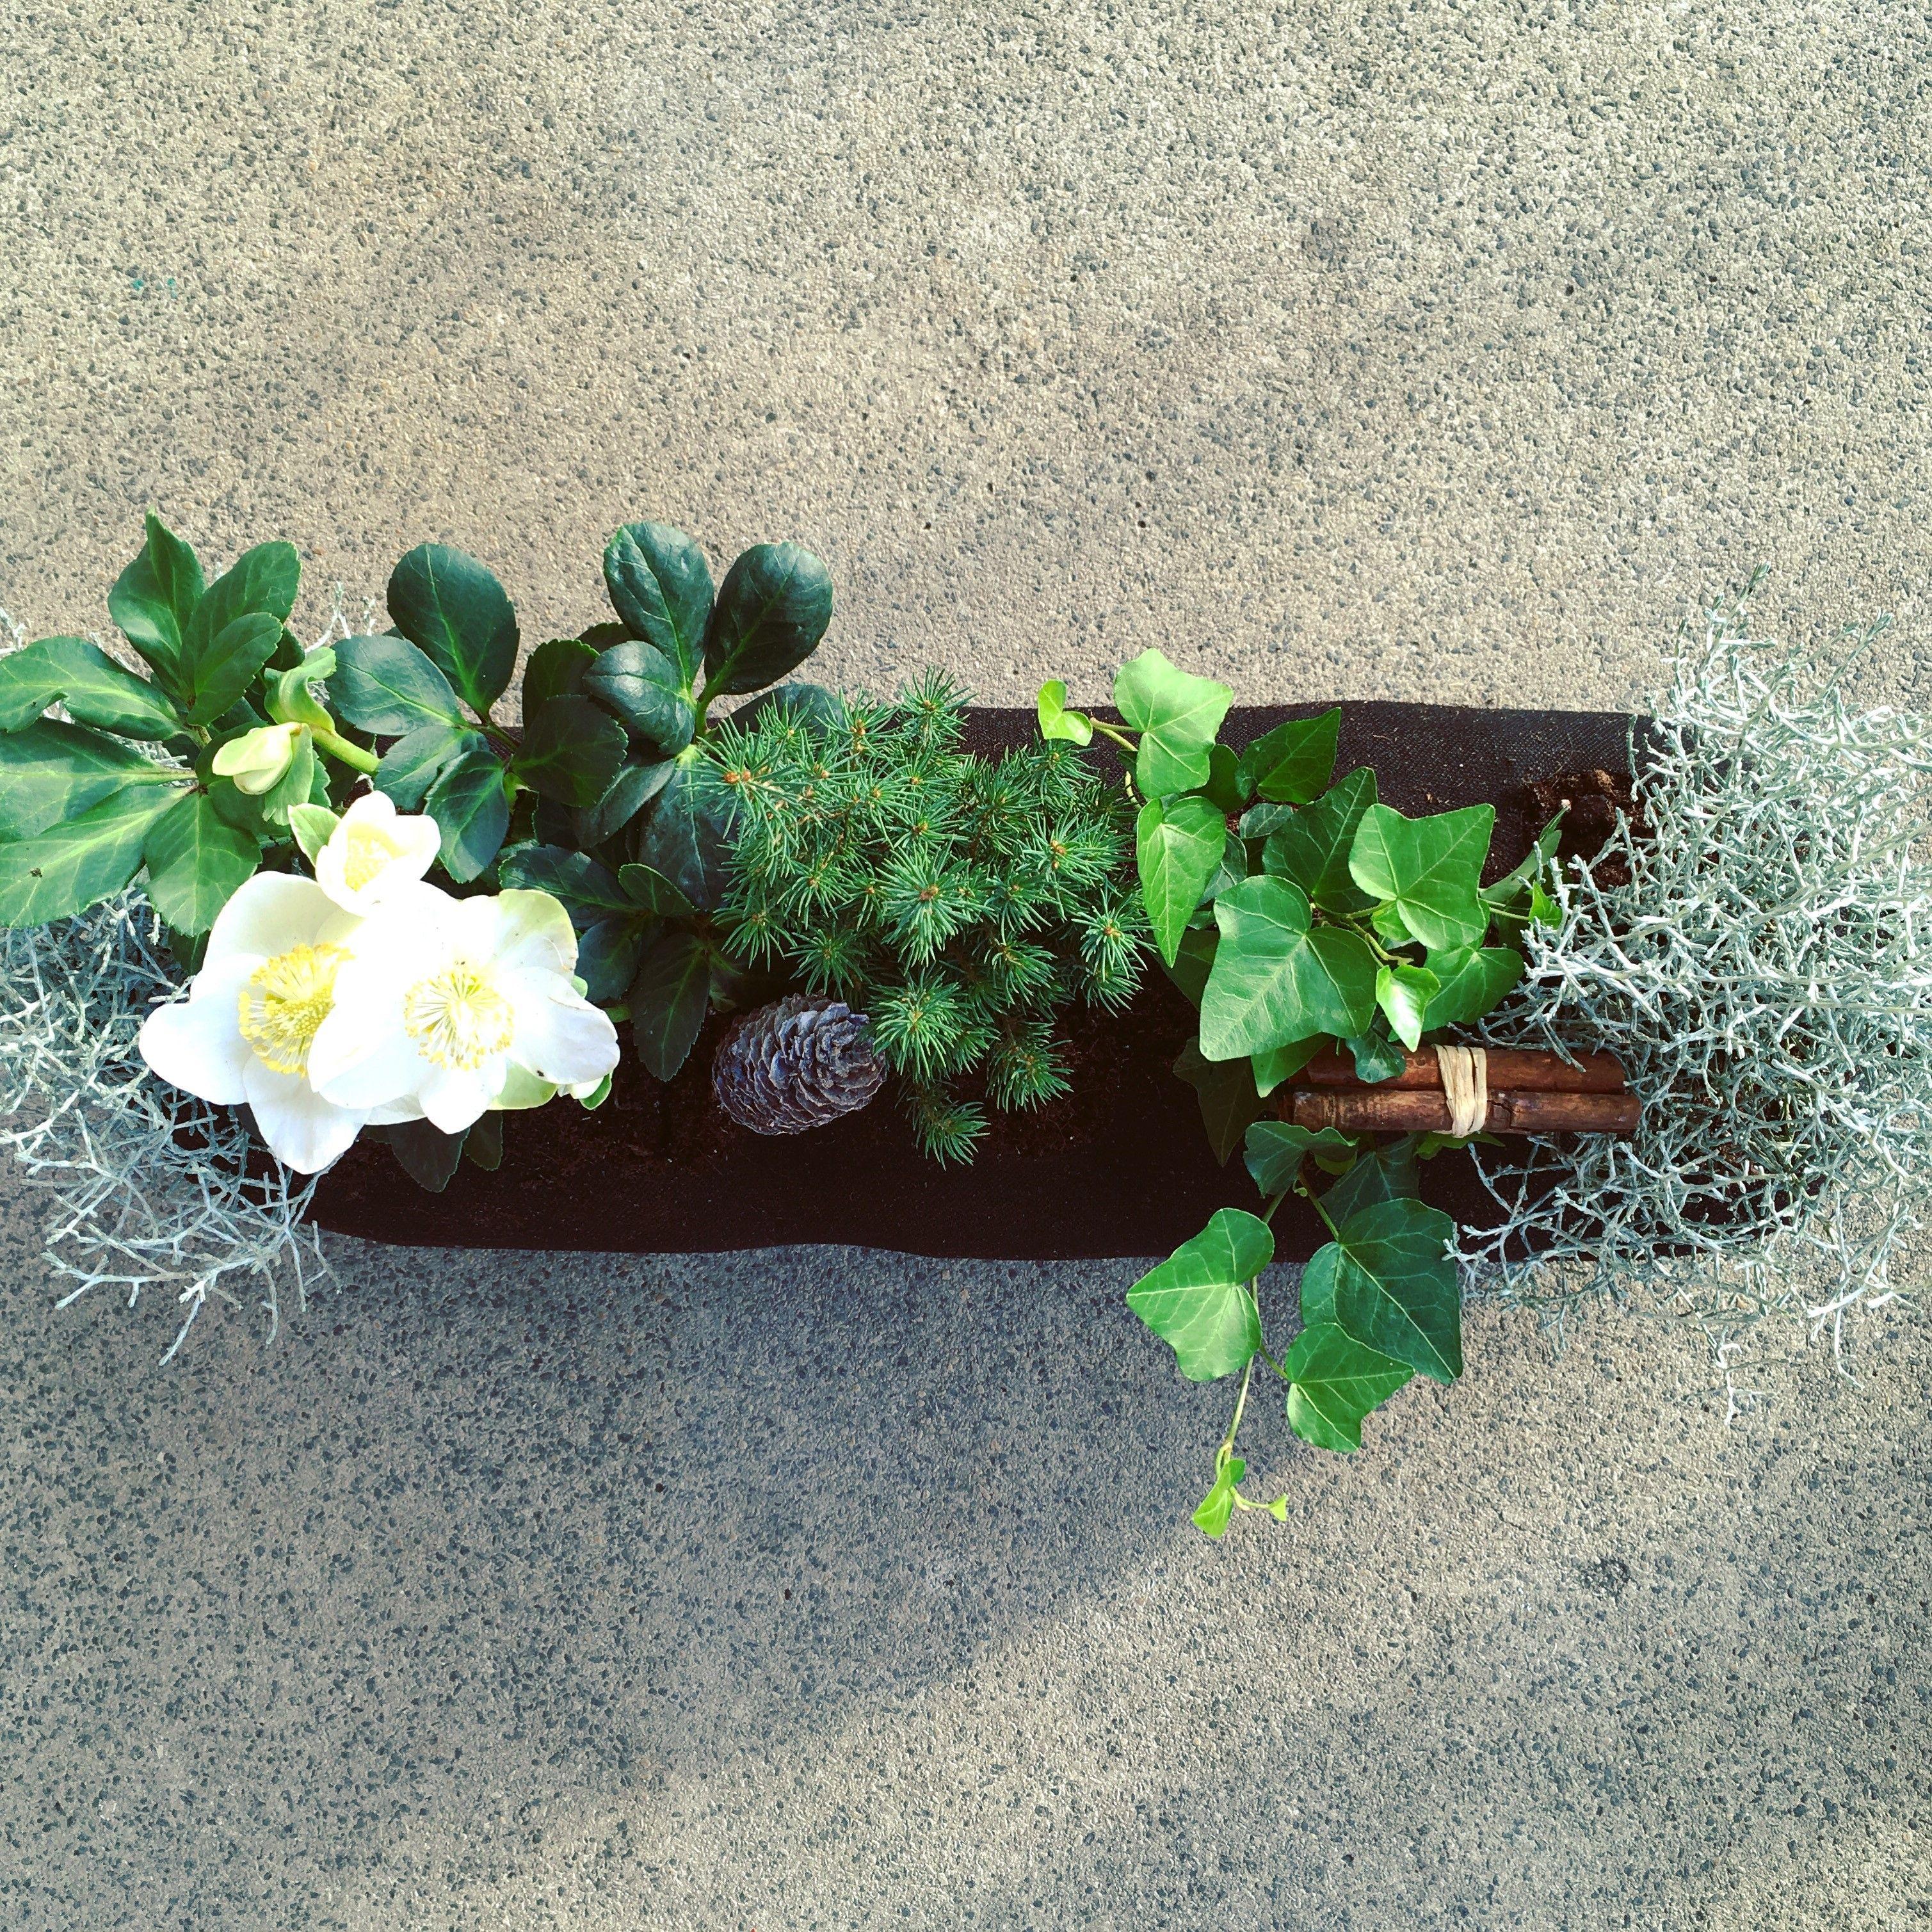 Bepflanzung Fur Den Balkonkasten Im Winter Mit Christrose Stacheldrahtpflanze Efeu Und Kiefer Bepflanzung Balkonbepflanzung Pflanzen